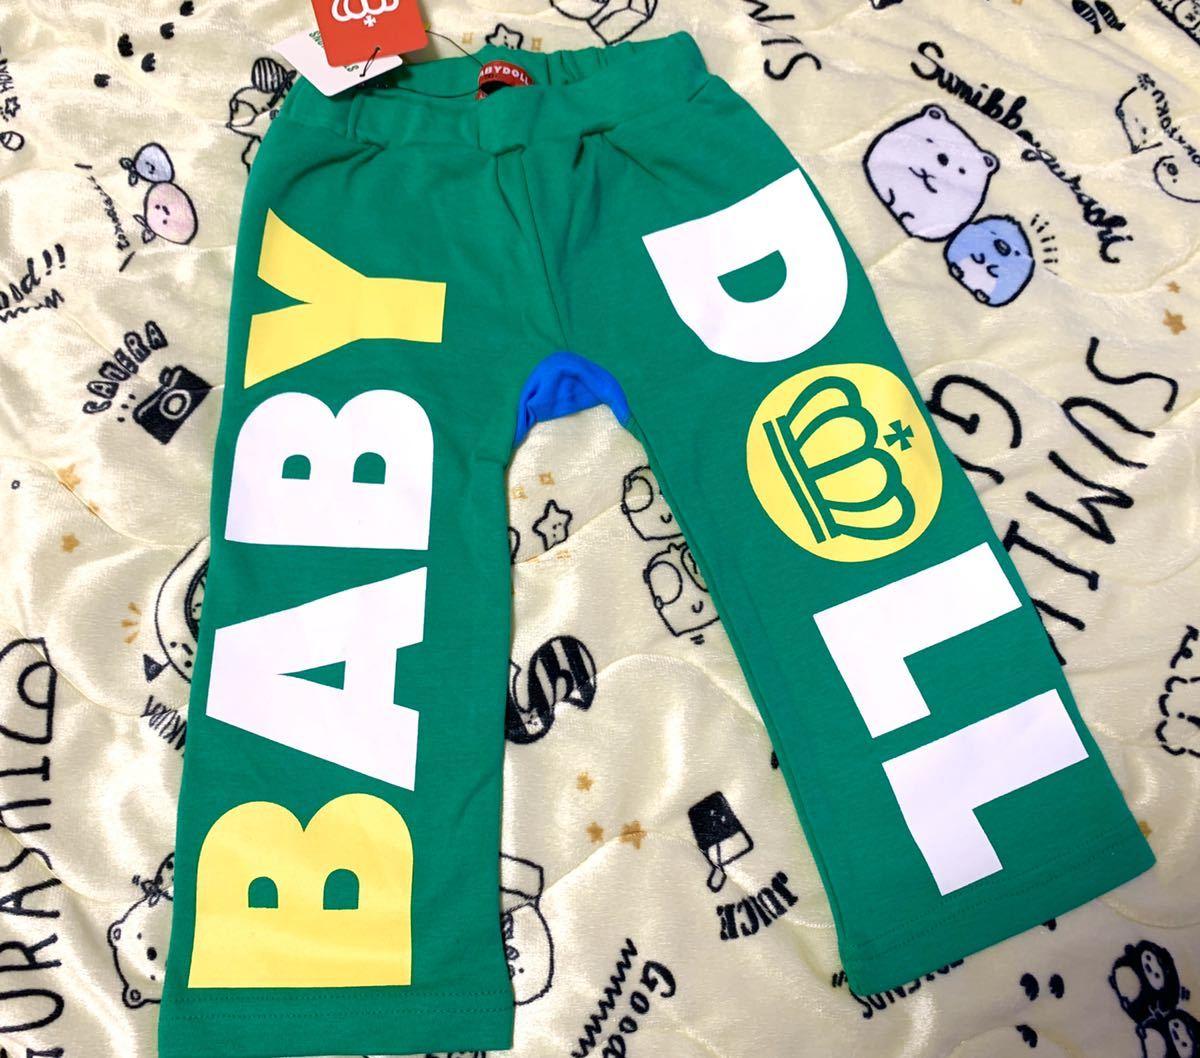 送料無料!新品☆BABY DOLLロゴ王冠モンキーパンツ90サイズ/ベビードール長ズボン、子供服、ベビーボトム_画像1